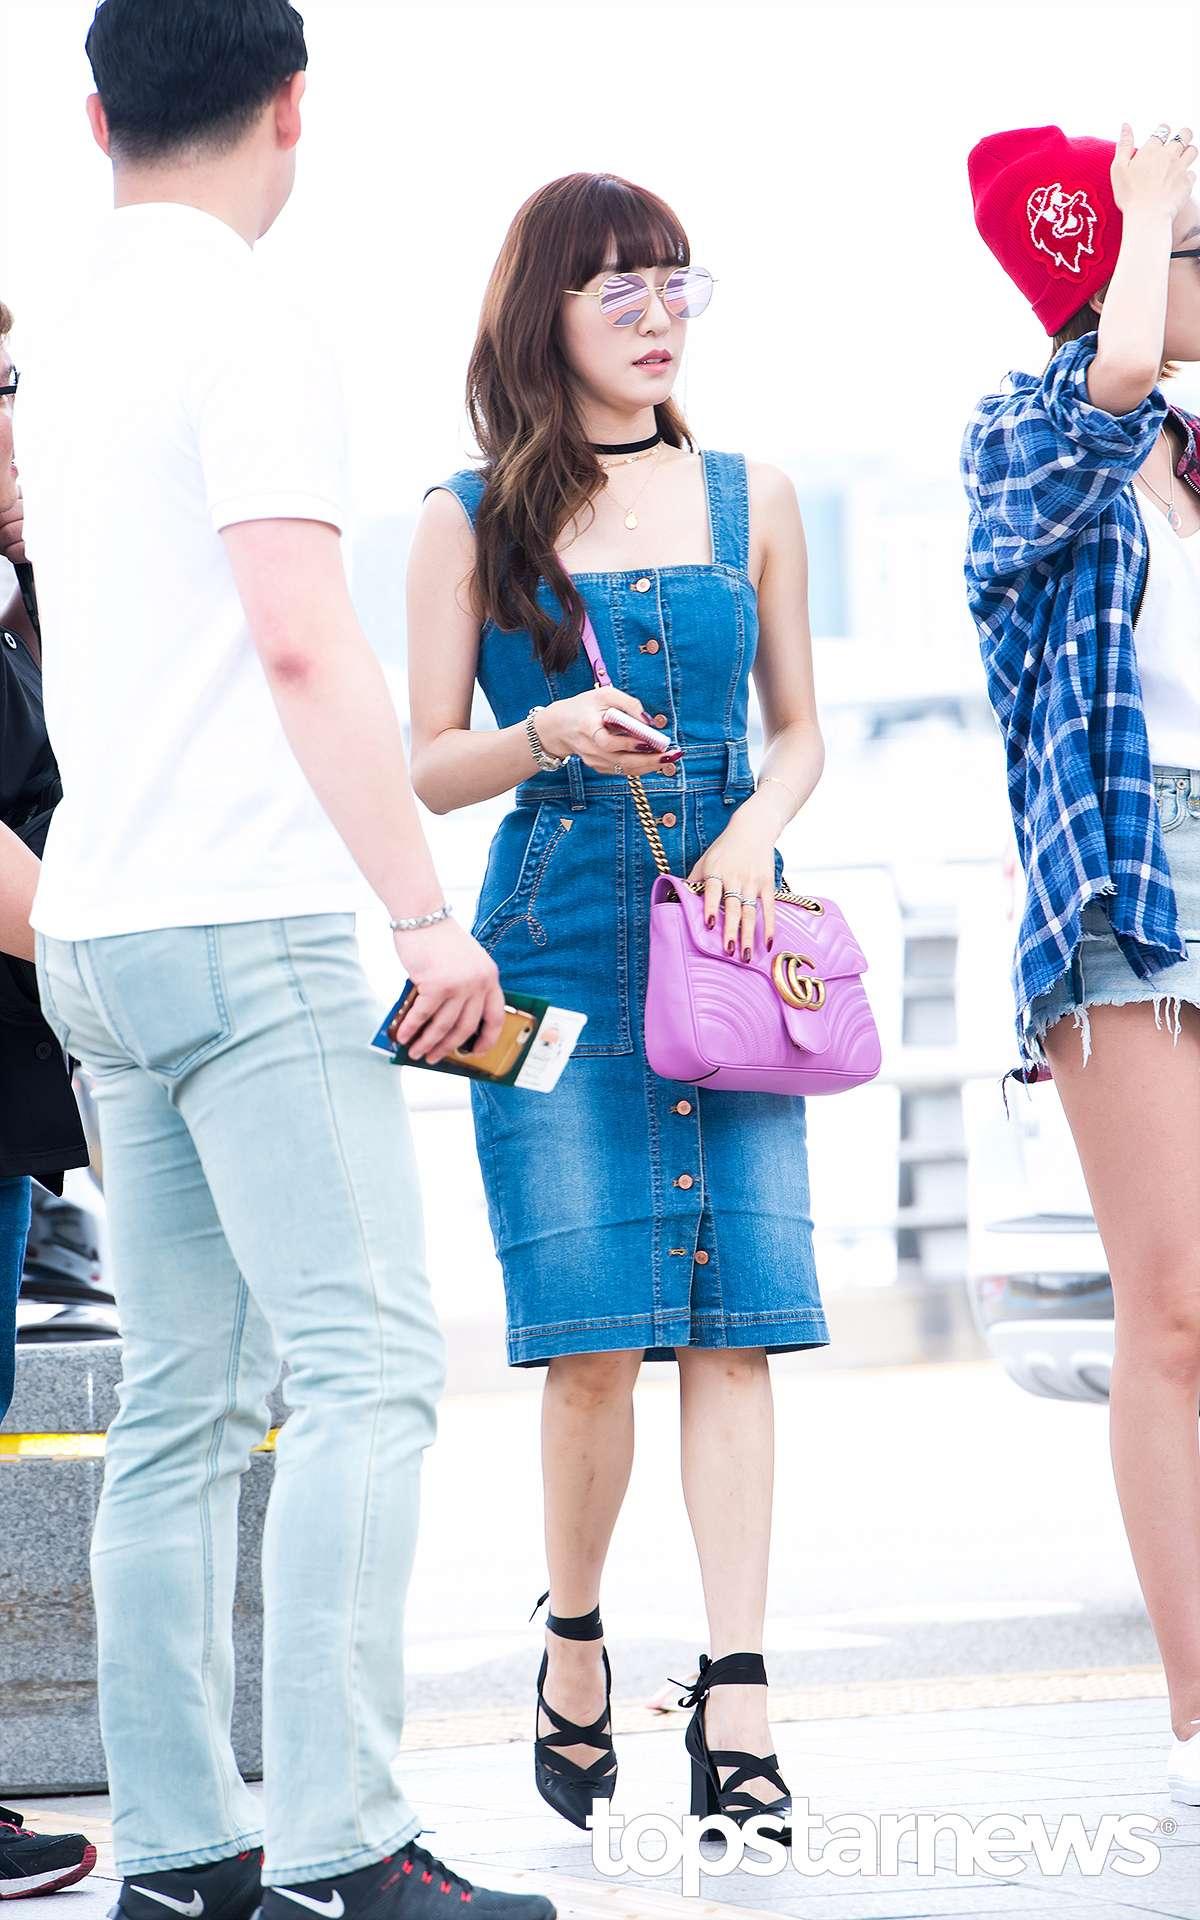 最近暴瘦的Tiffany自歐美曲風出Solo專輯後,連私服Look也偏歐美風了,修身的丹寧背帶裙+尖頭綁帶鞋,充滿了性感的歐美街頭風。